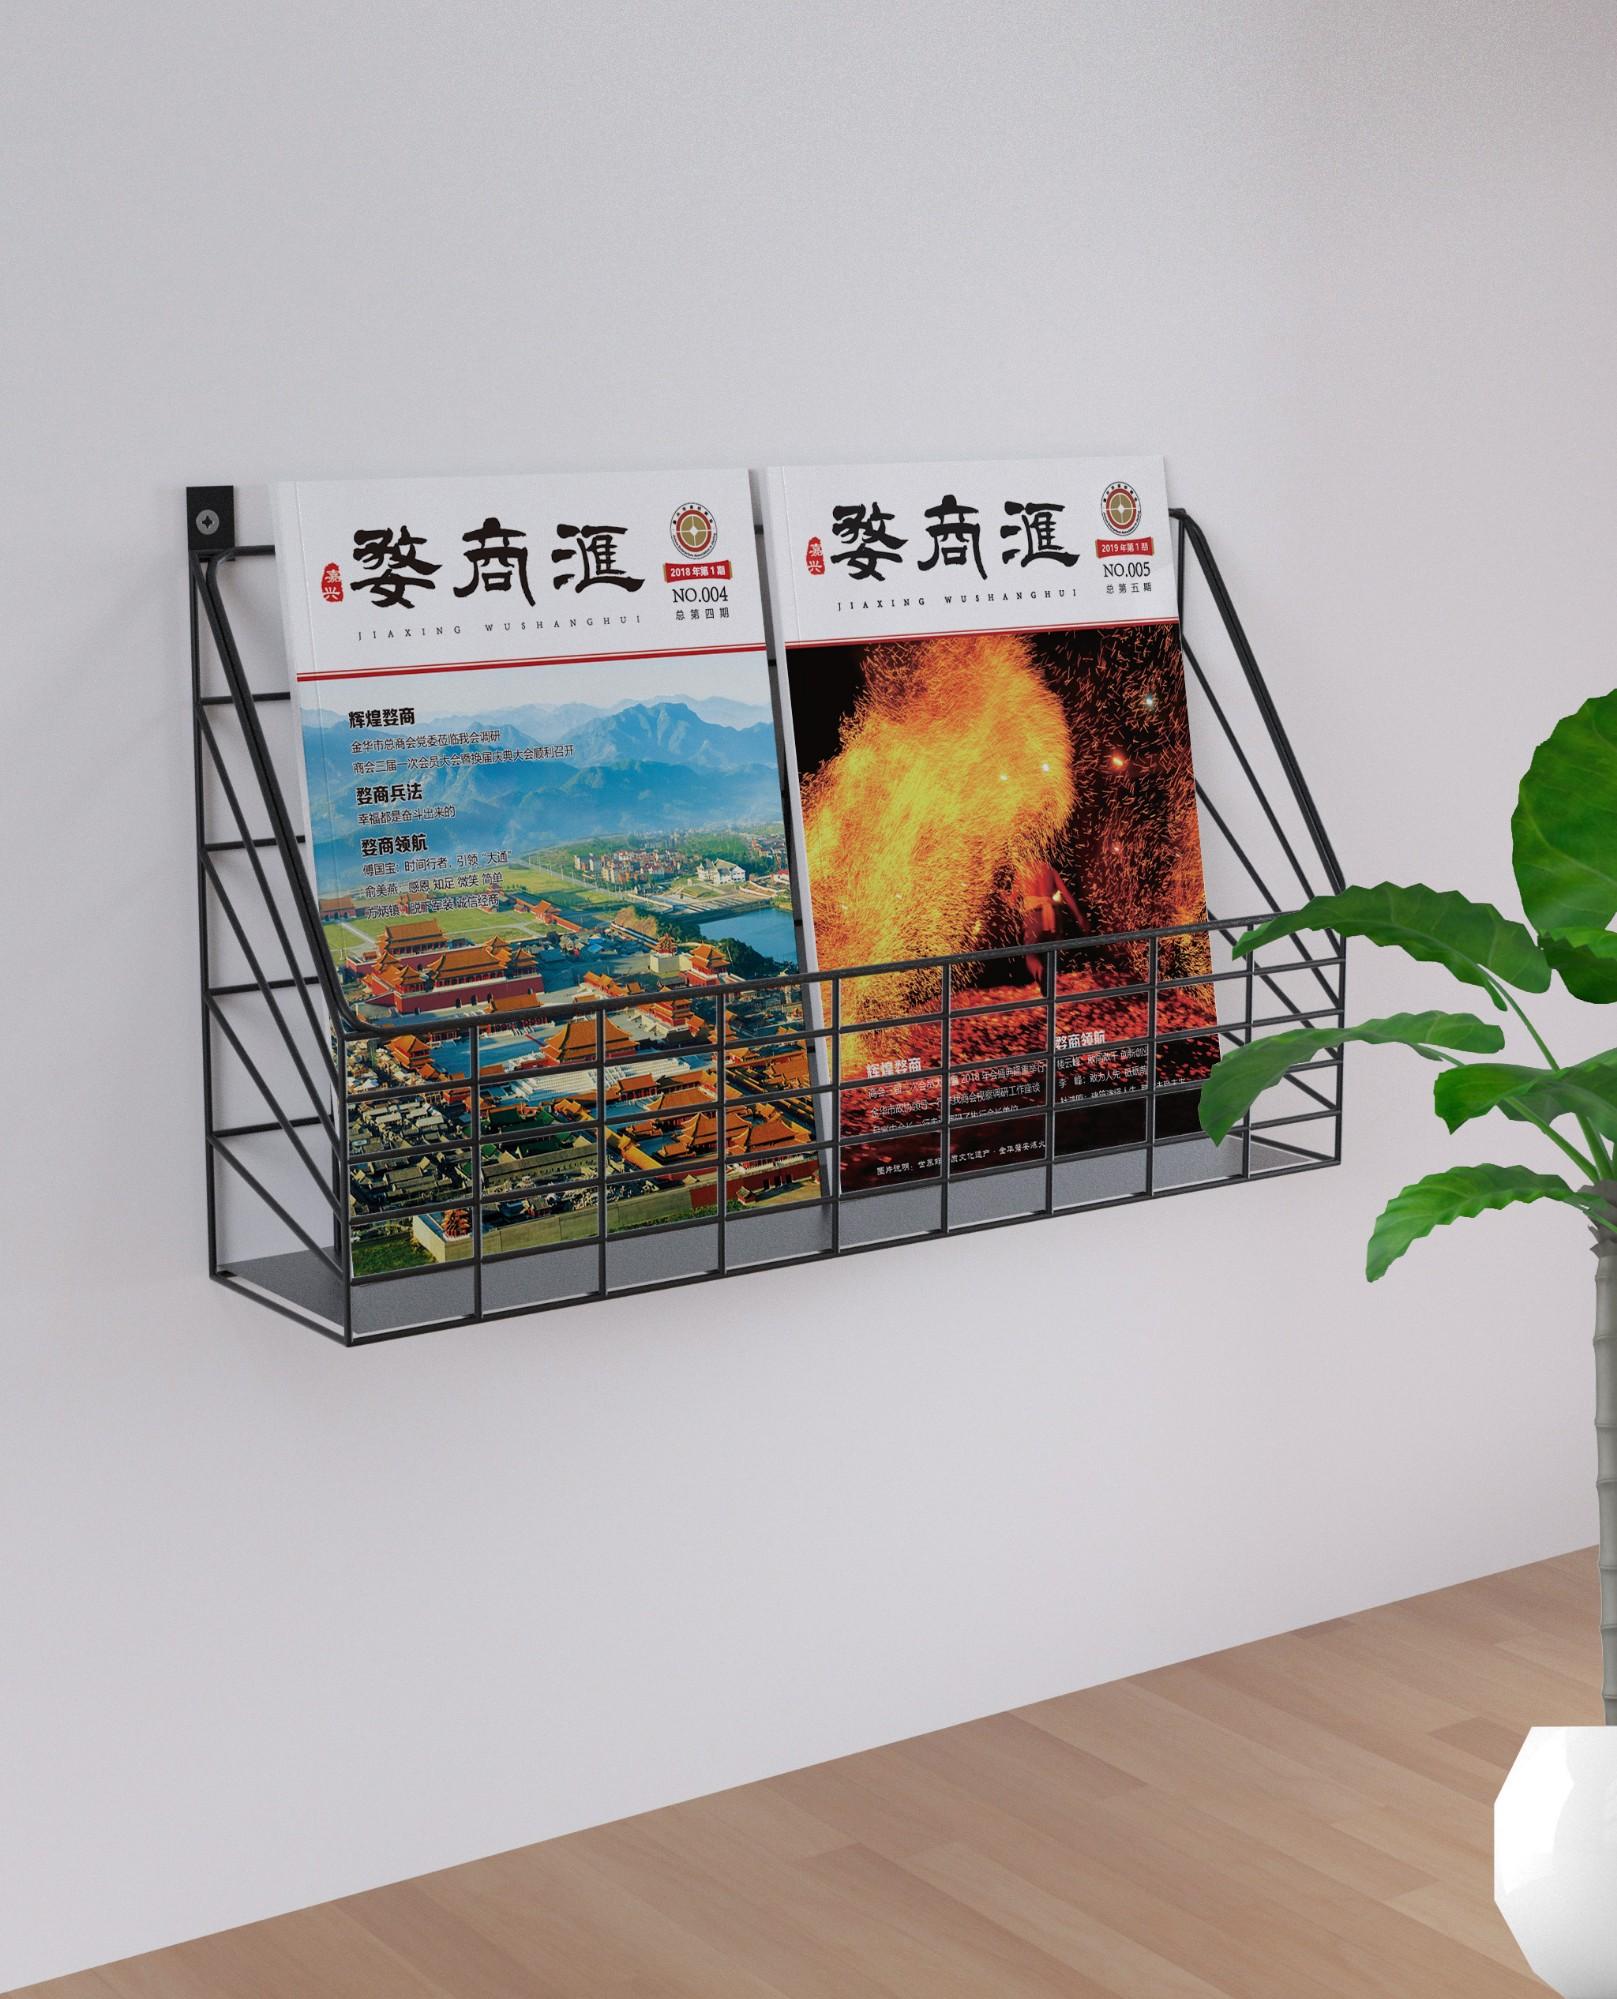 嘉兴市金华商会杂志采编